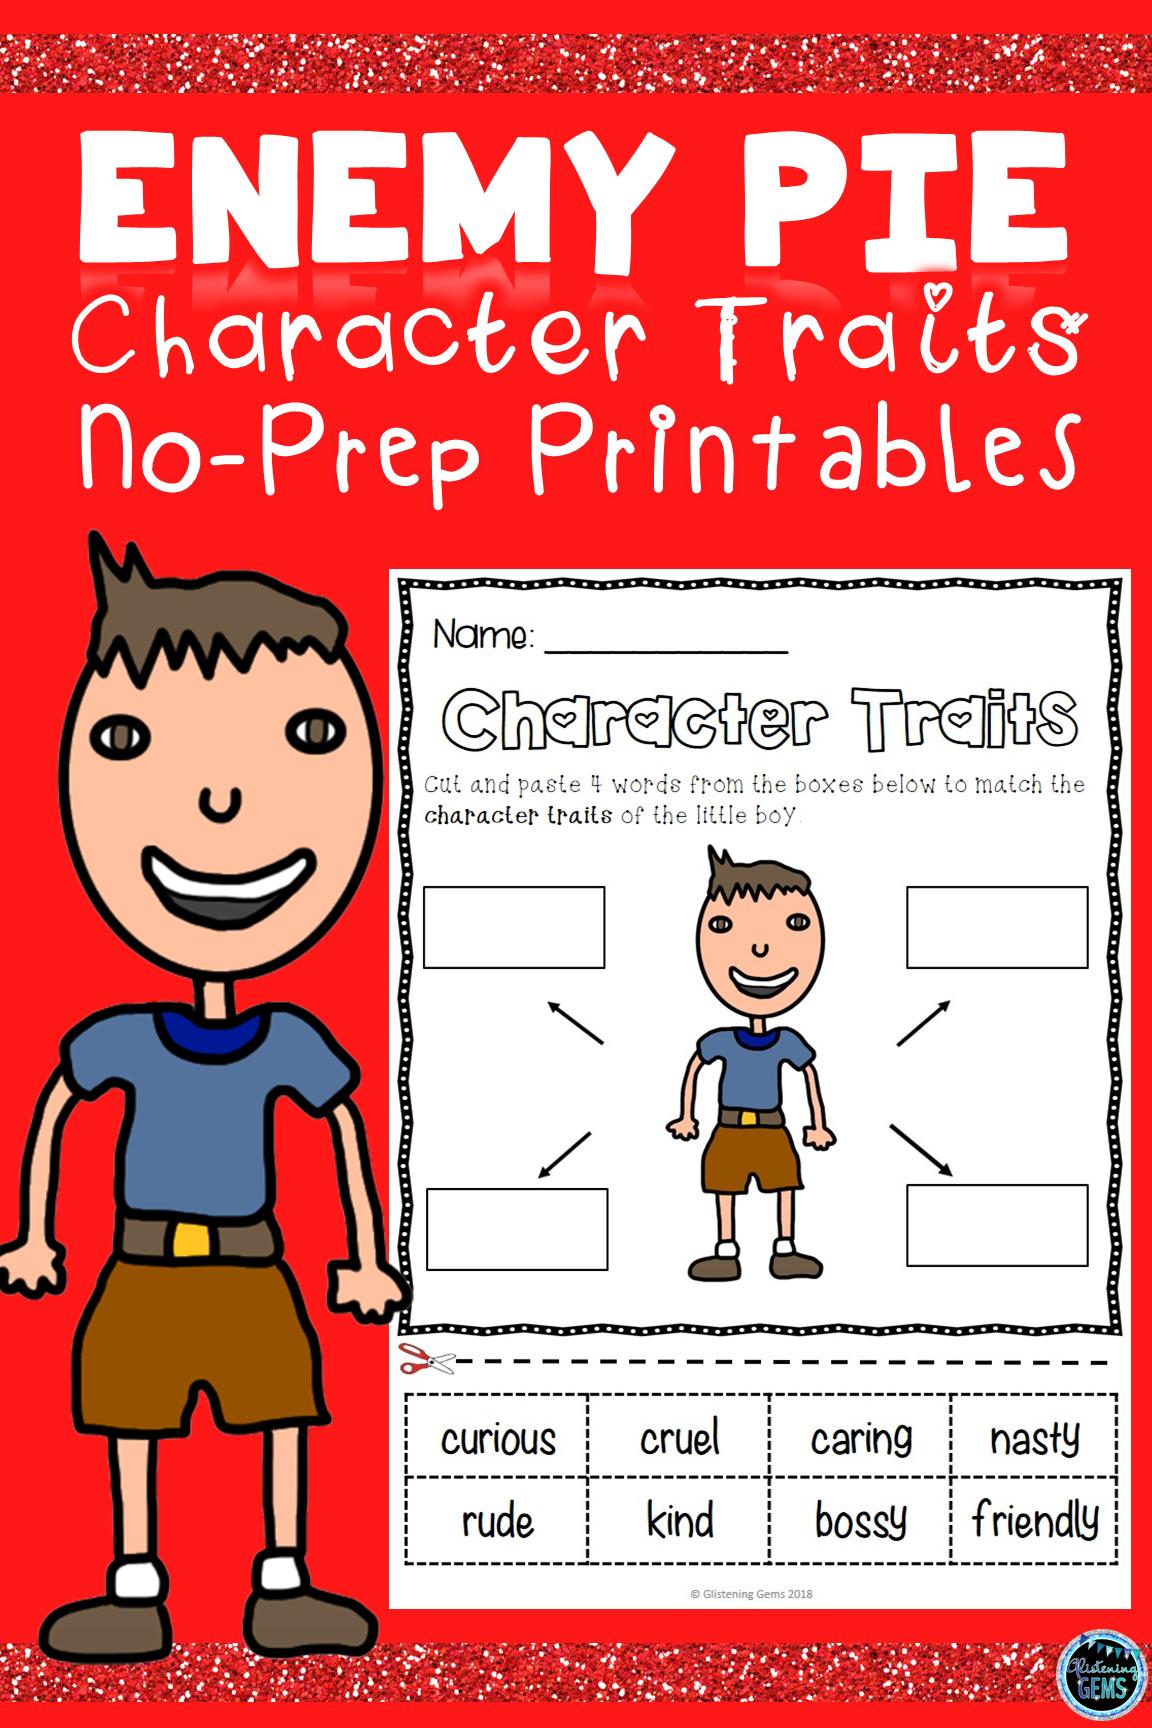 Enemy Pie Activities Character Traits Character Traits Activities Character Trait Kindergarten Themes [ 1728 x 1152 Pixel ]